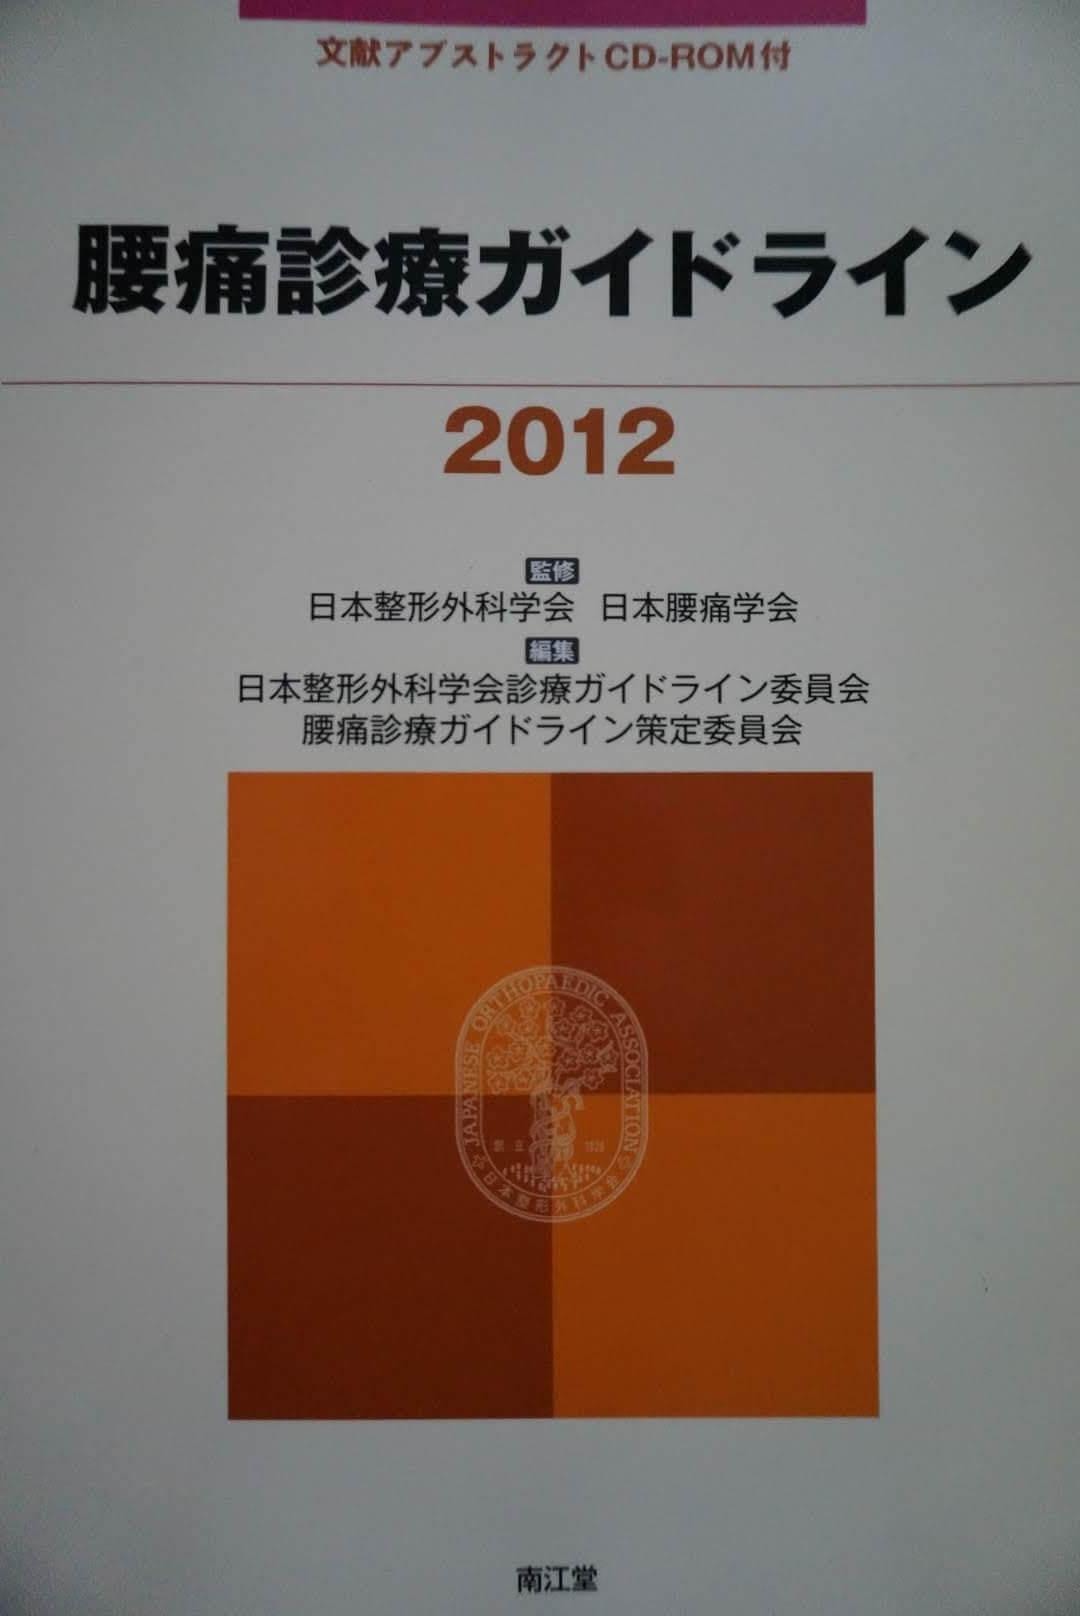 腰痛ガイドライン 2012